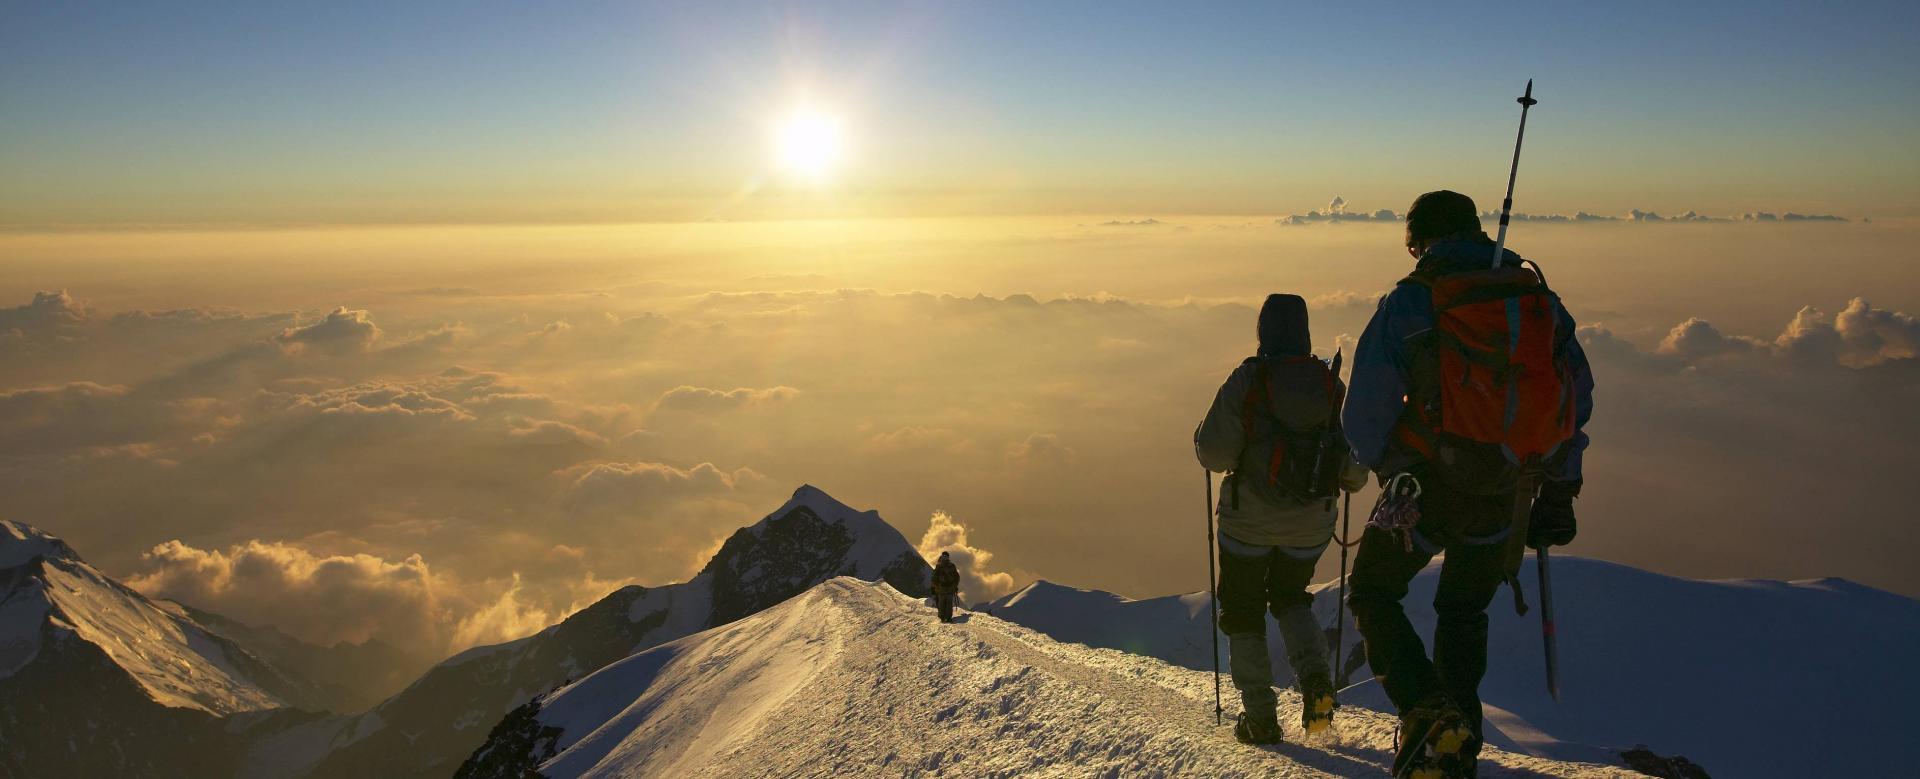 Voyage à pied : Objectif mont blanc (4809 m)